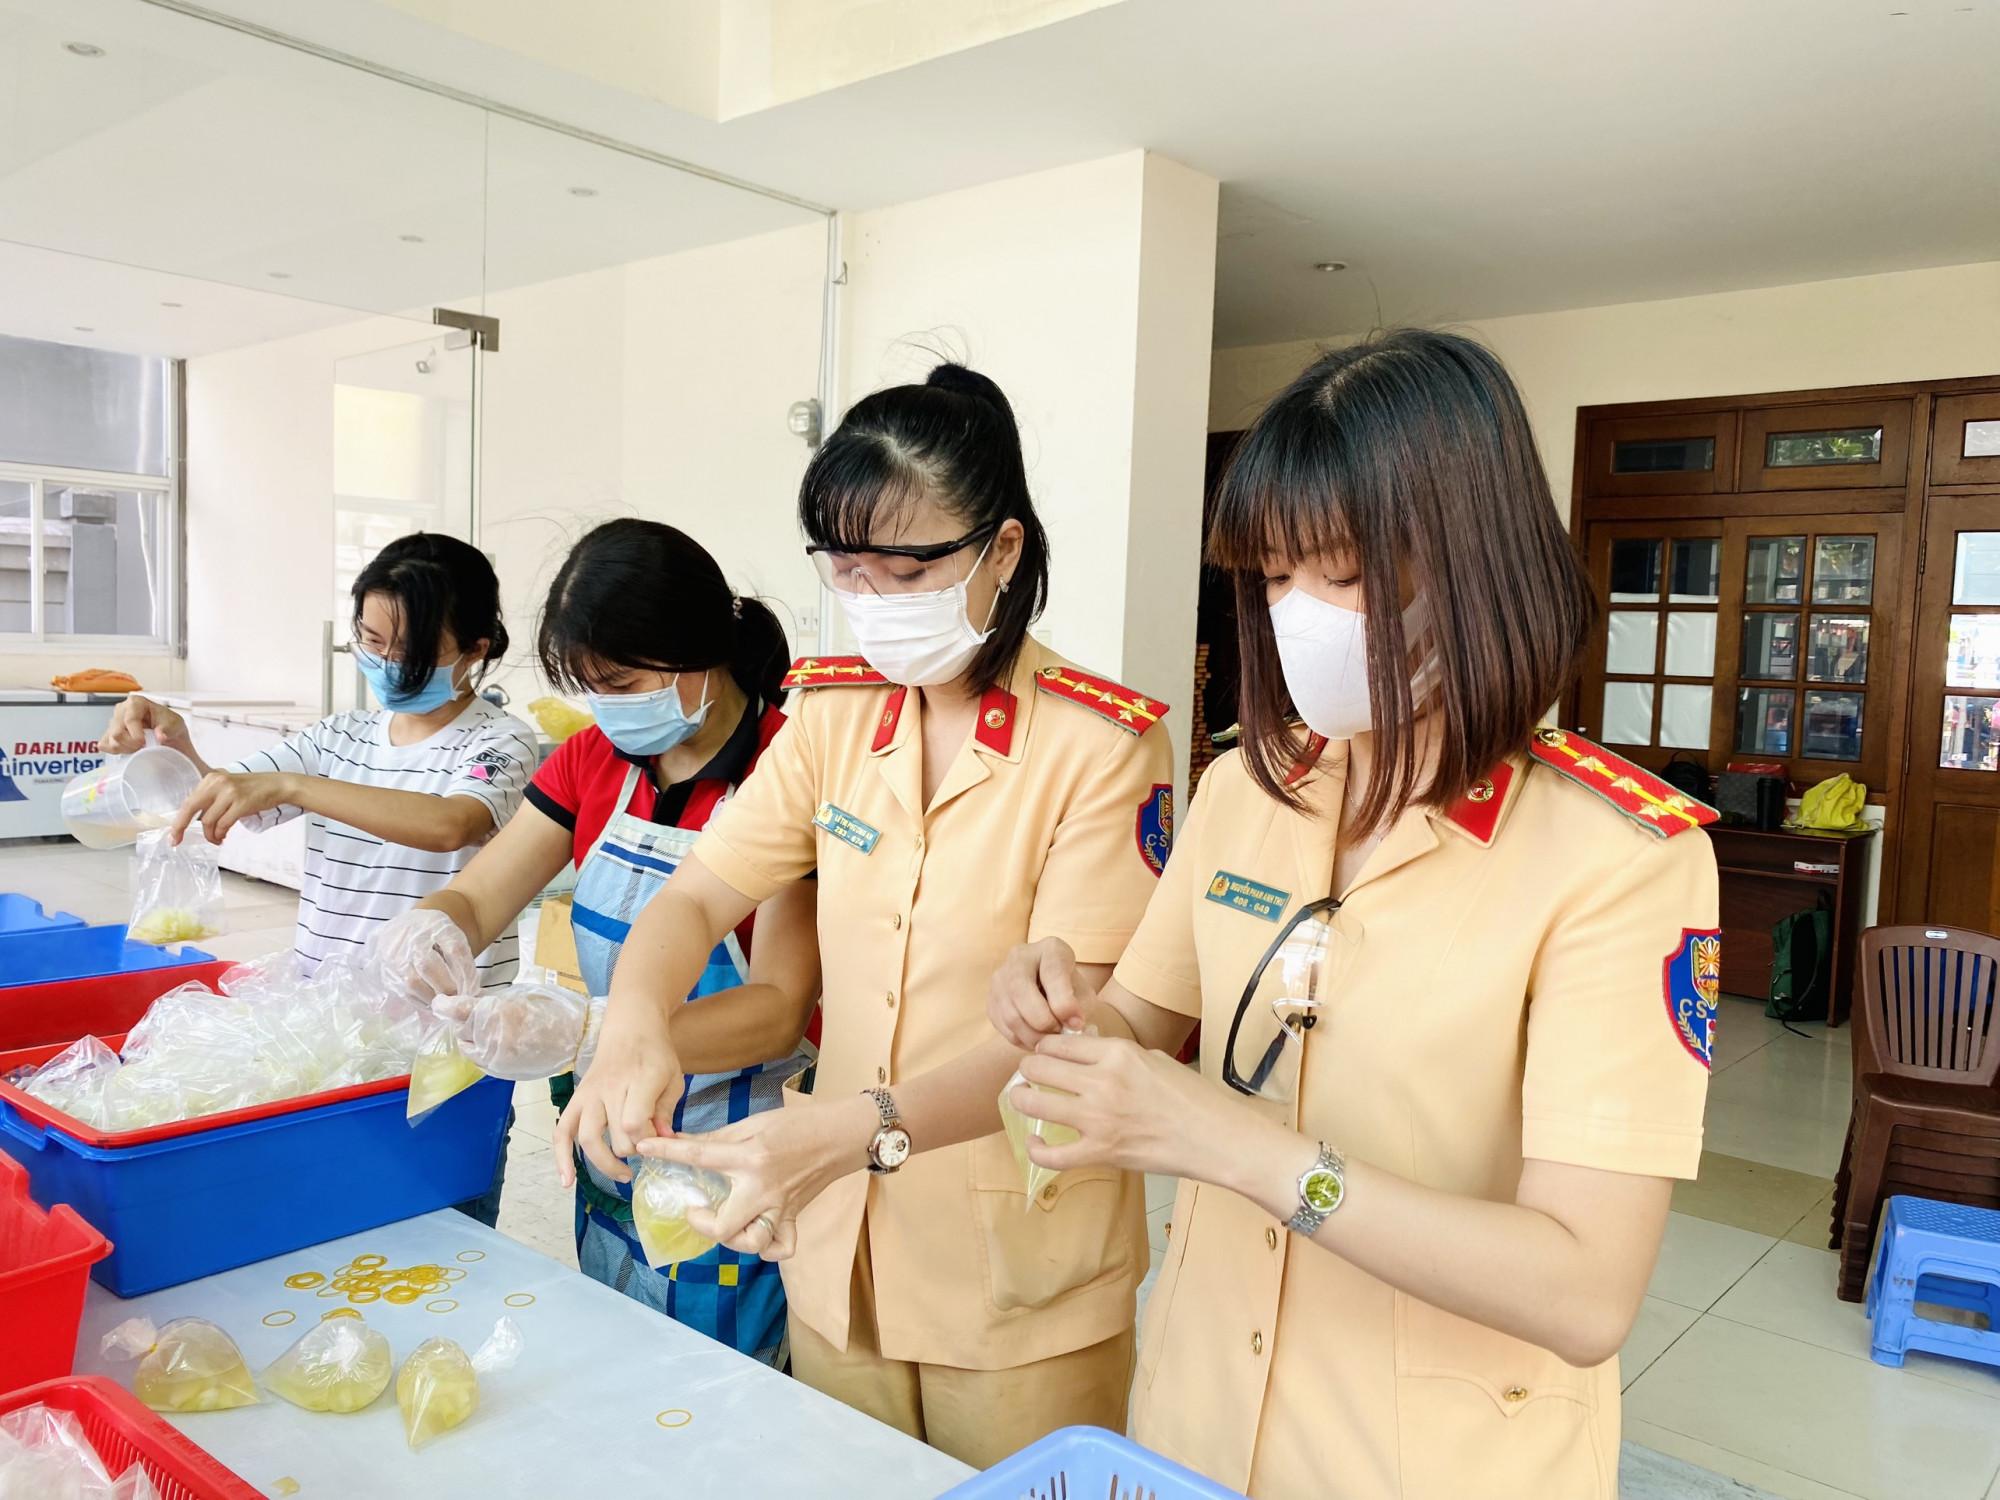 Từ sáng sớm, các nữ CSGT có mặt tại Trung tâm dịch vụ việc làm, Thành đoàn TPHCM (số 1A Nguyễn Văn Lượng, phường 6, quận Gò Vấp) để chuẩn bị thực hiện bữa cơm nhân ái.